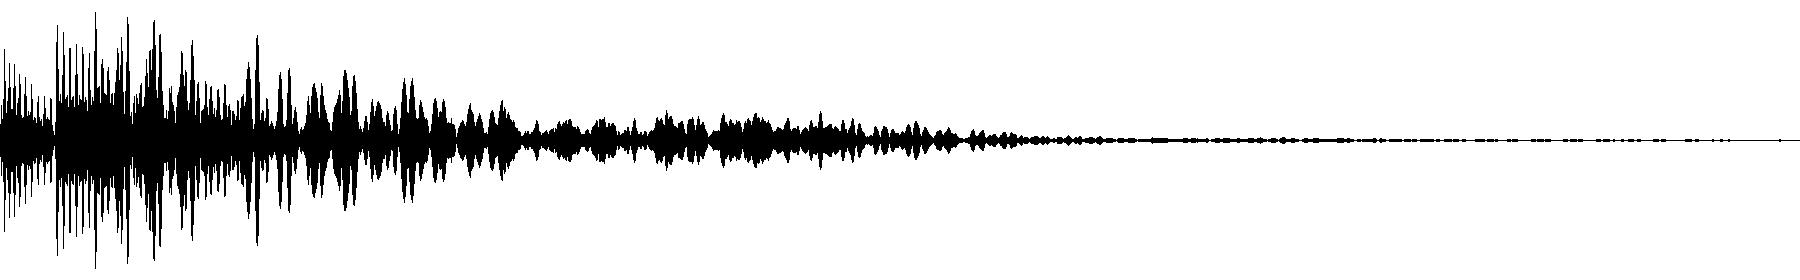 vedh synth cut 224 bm9